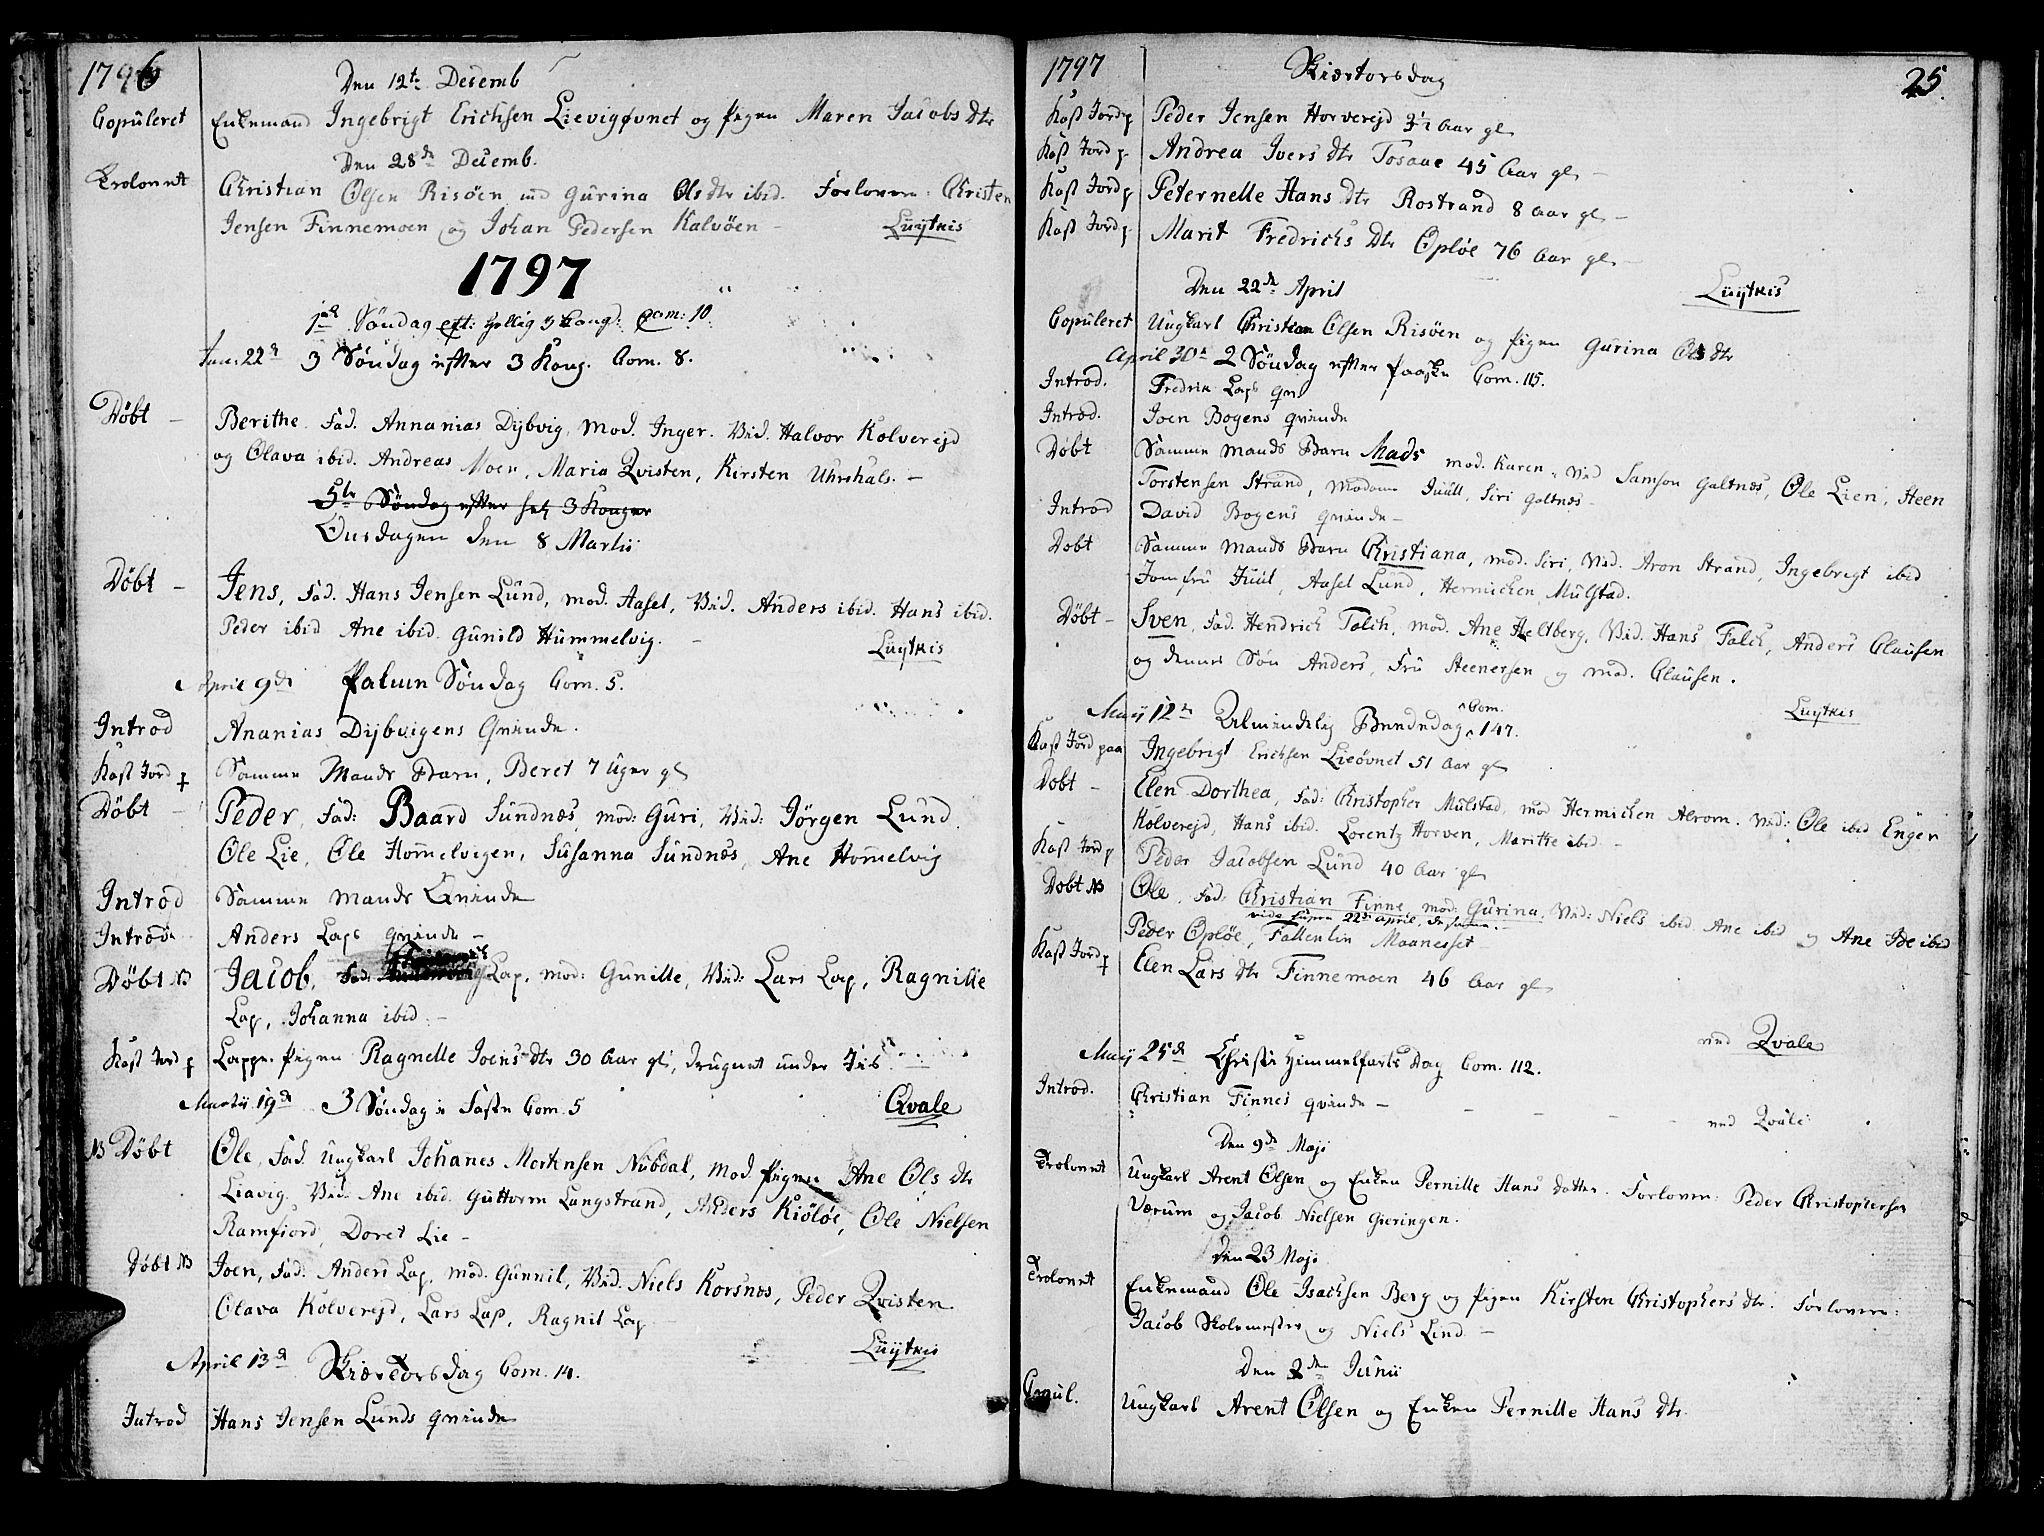 SAT, Ministerialprotokoller, klokkerbøker og fødselsregistre - Nord-Trøndelag, 780/L0633: Ministerialbok nr. 780A02 /1, 1787-1814, s. 25